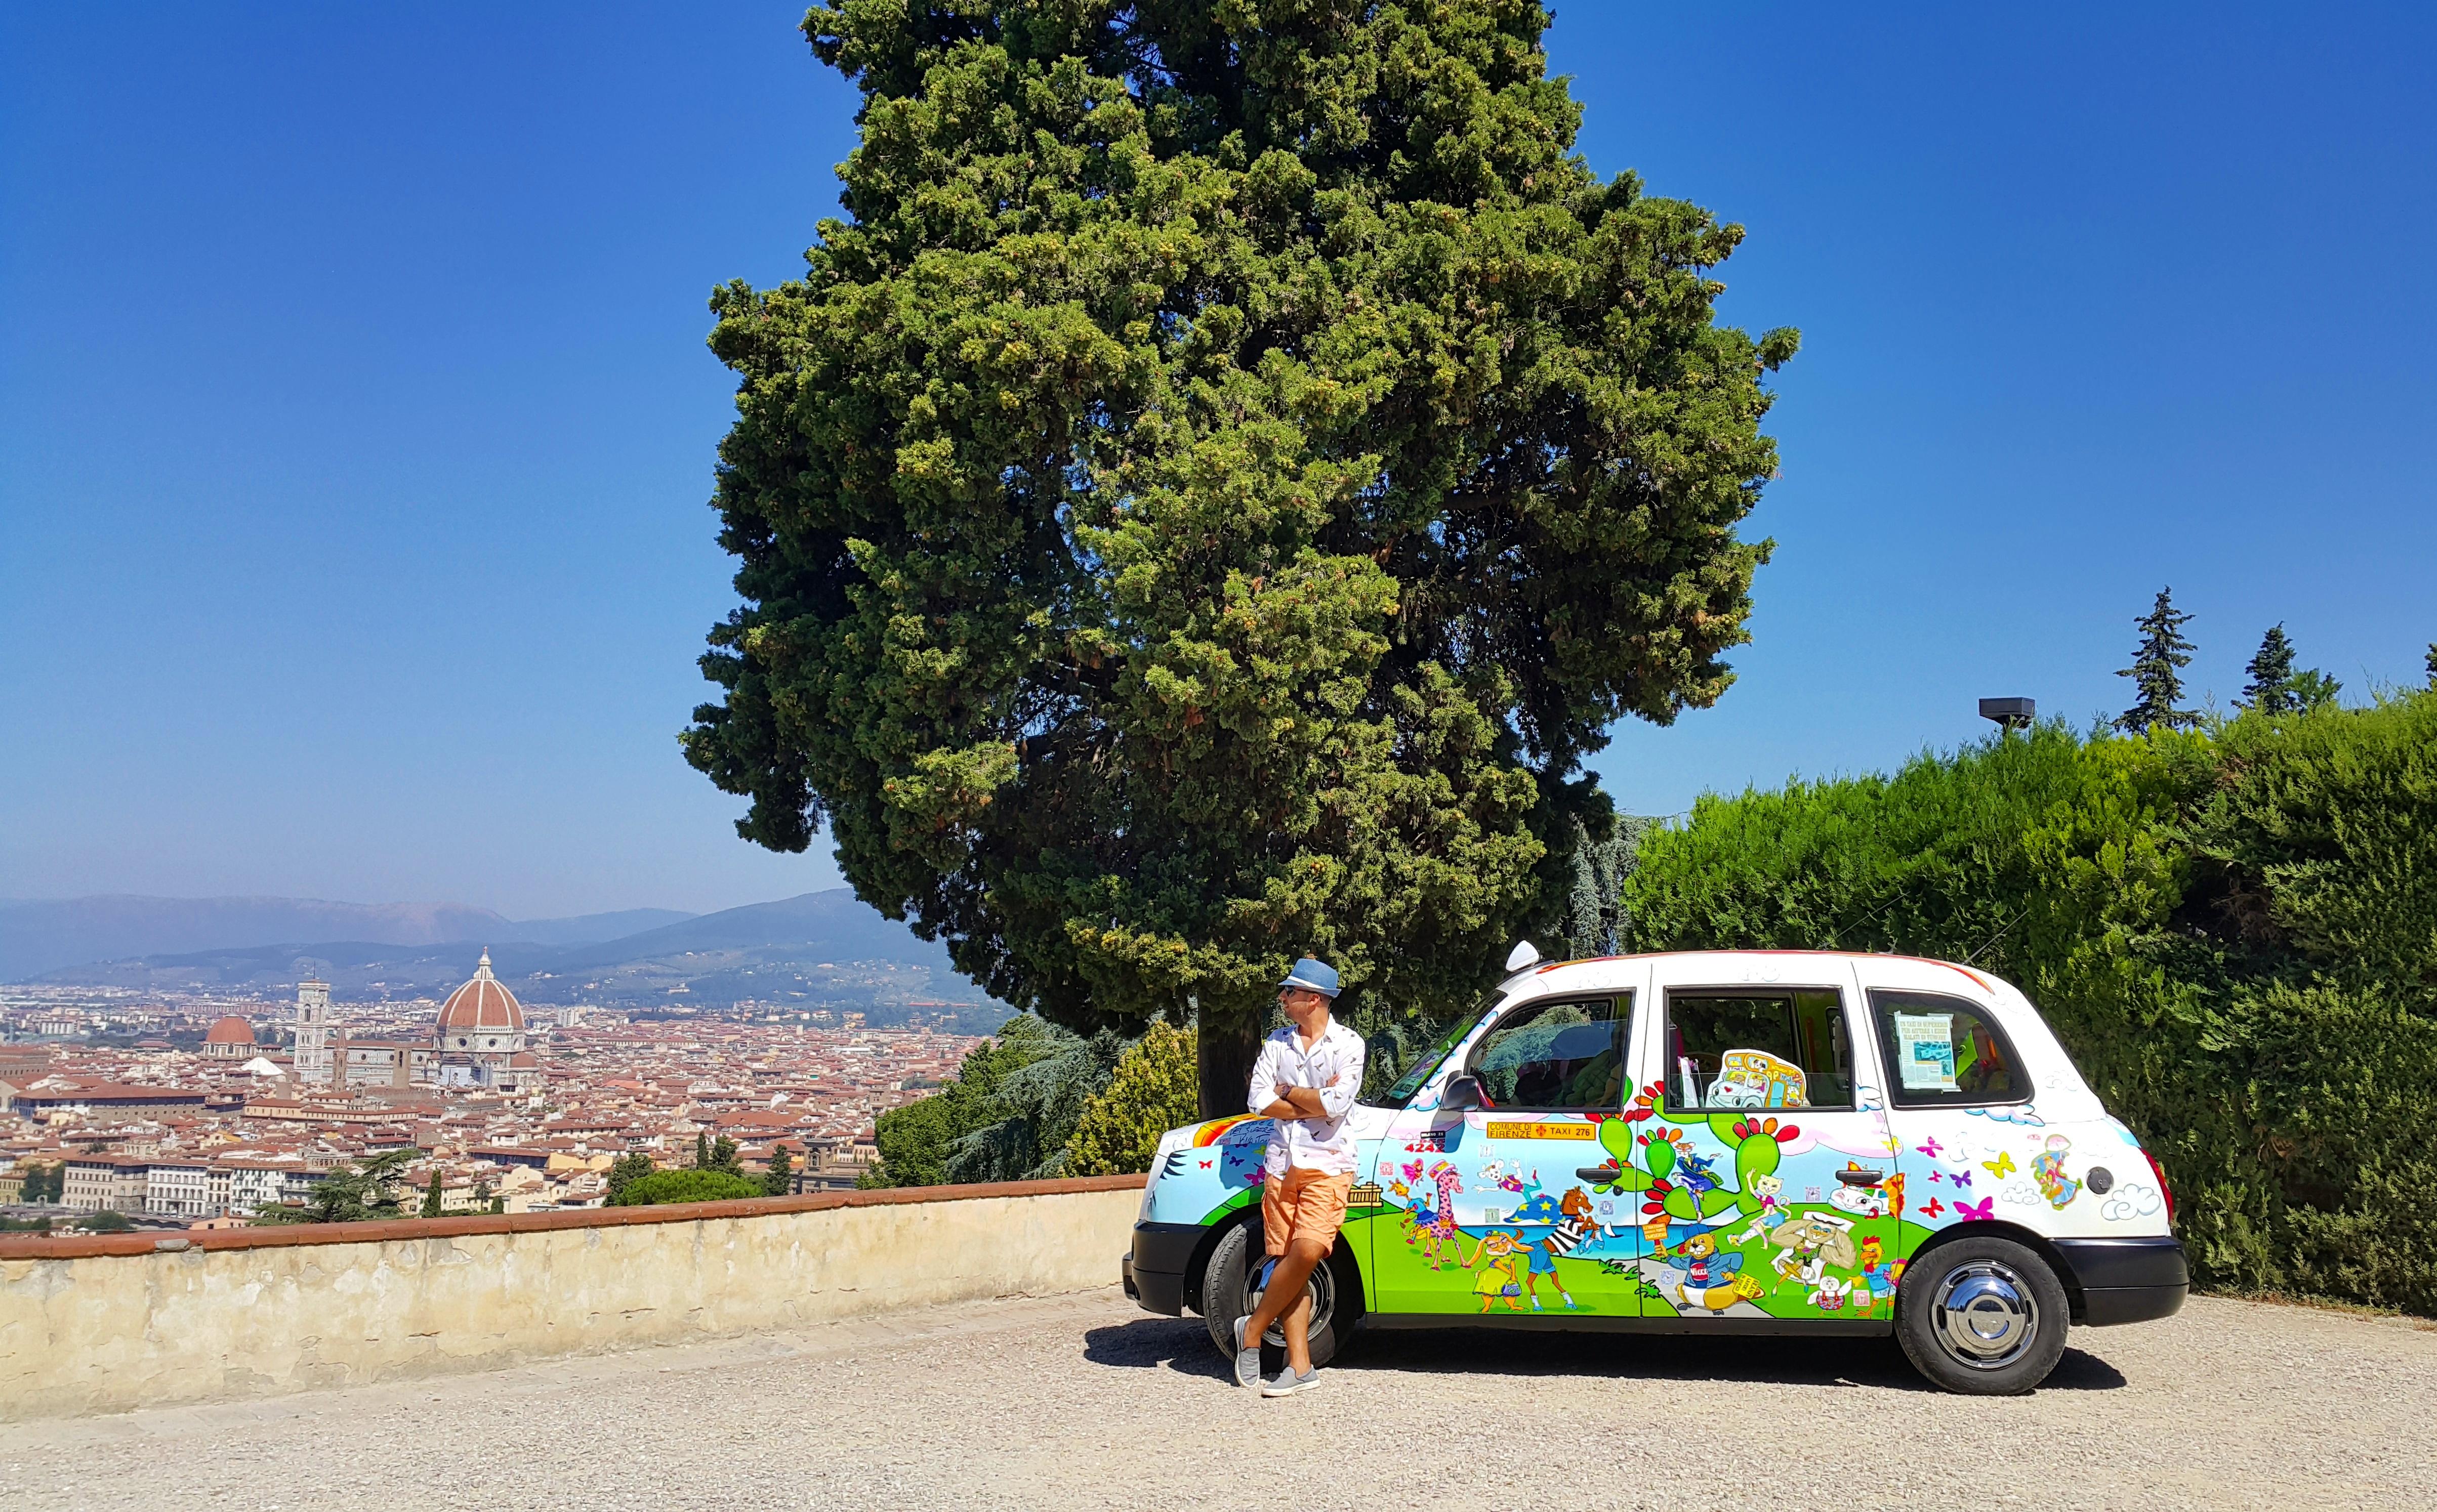 @gezibo's cover photo for 'İtalya'ya ne zaman gidilmeli ve nereleri görmeli?'